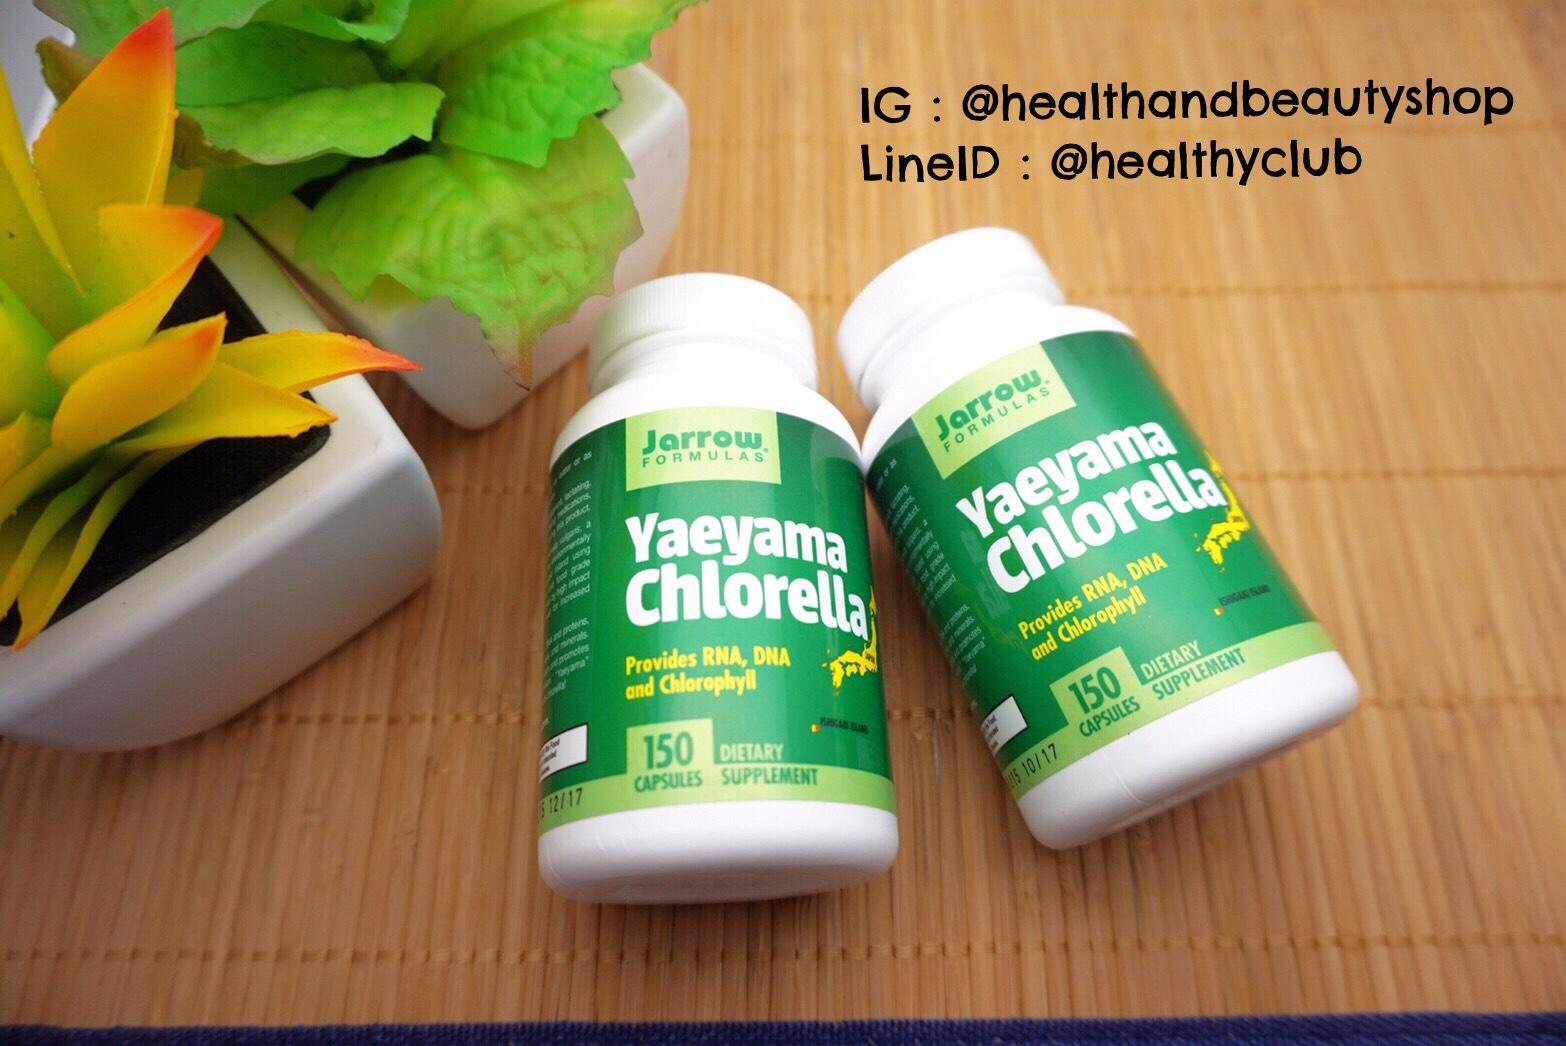 # คืนความสาว # Jarrow Formulas, Yaeyama Chlorella, 400 mg, 150 Capsules